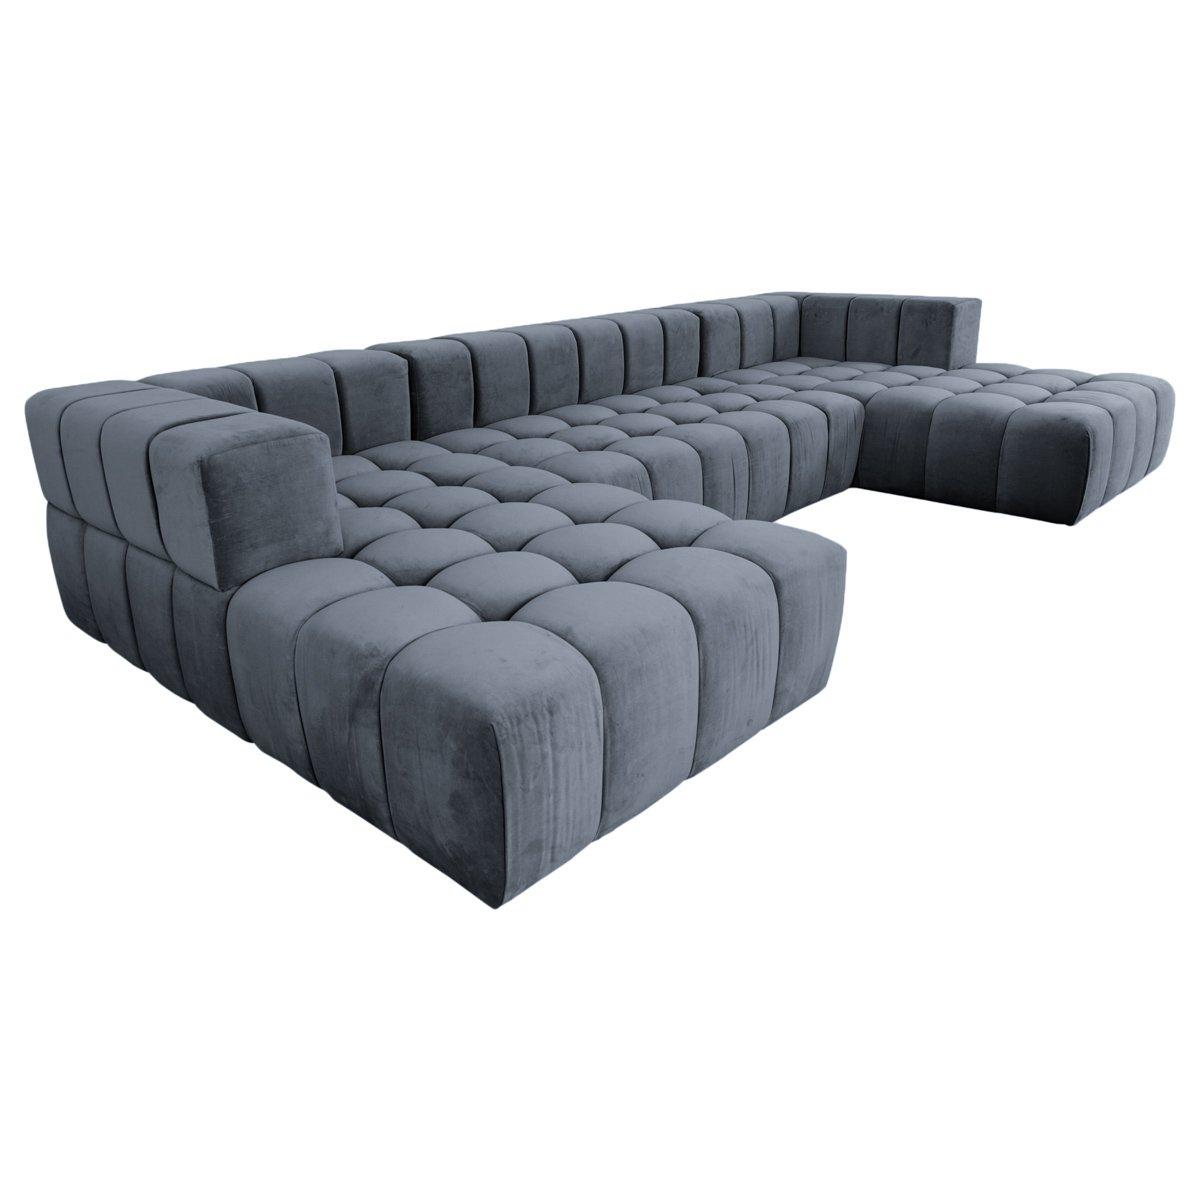 Delano Modular Sectional In Velvet Modular Sectional Furniture